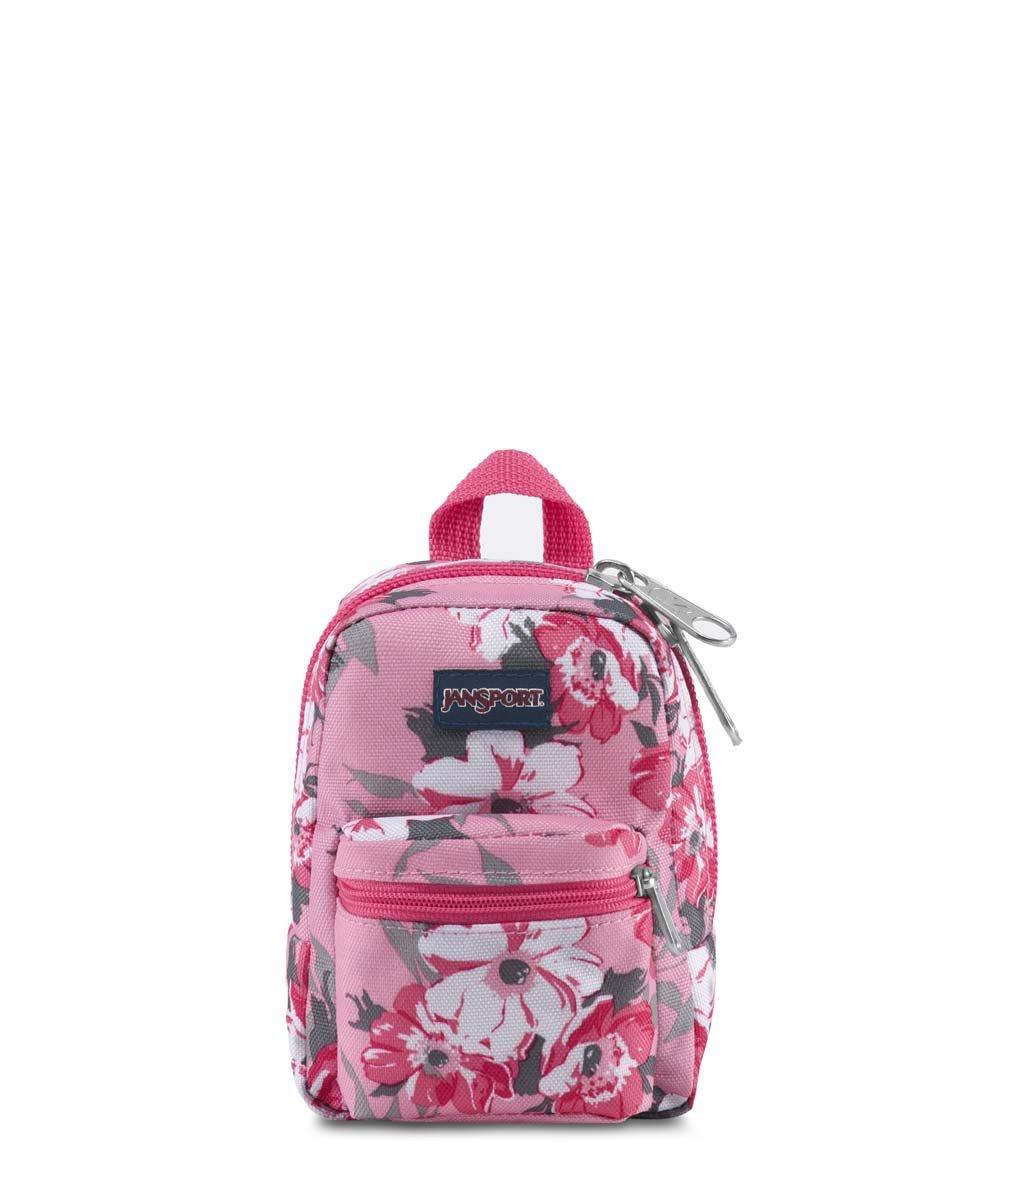 [ジャンスポーツ] ポーチ リルブレイク【国内正規品】コード収納 JS0A32TT B077GQ8PNN Prism Pink Pretty Prism Pink Pretty